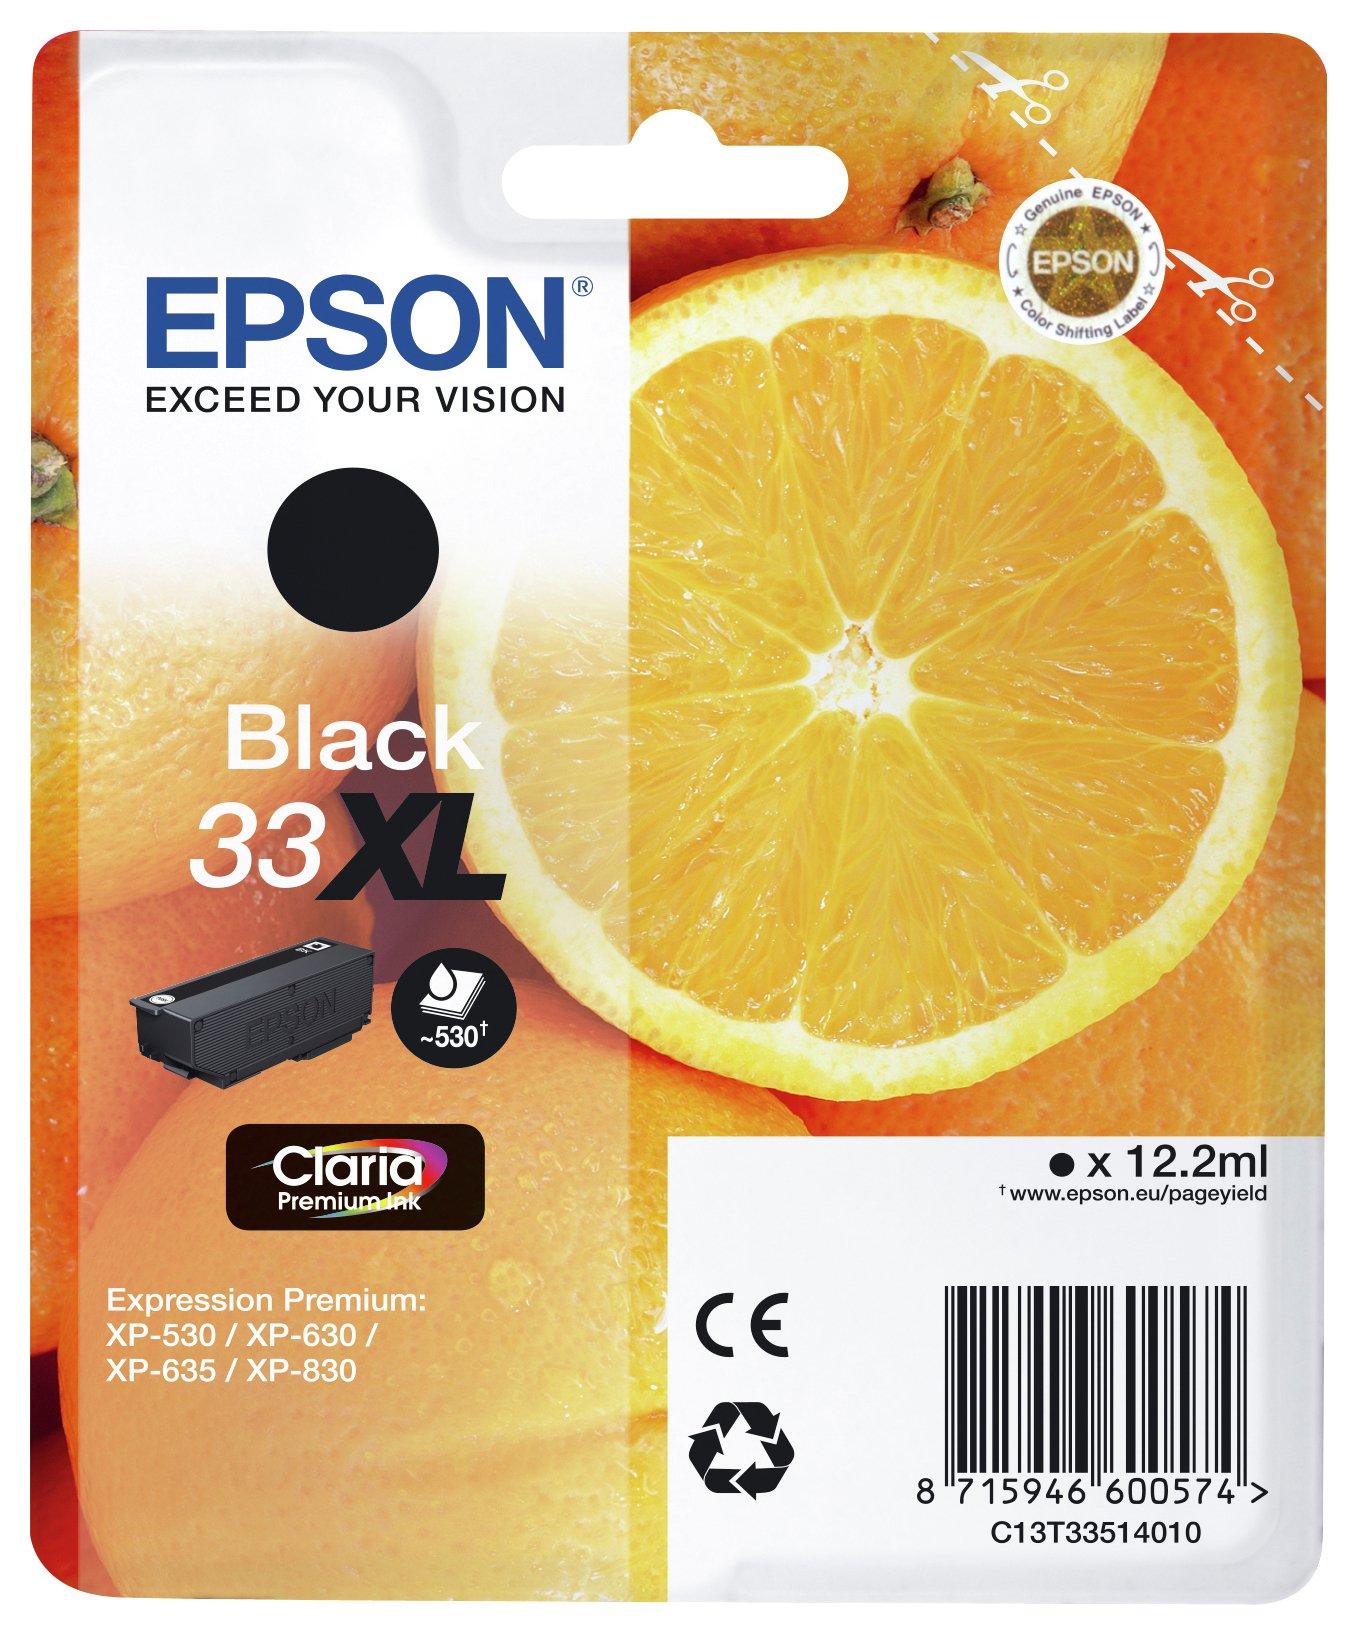 Epson Epson Claria Oranges XL Ink Cartridge - Black.